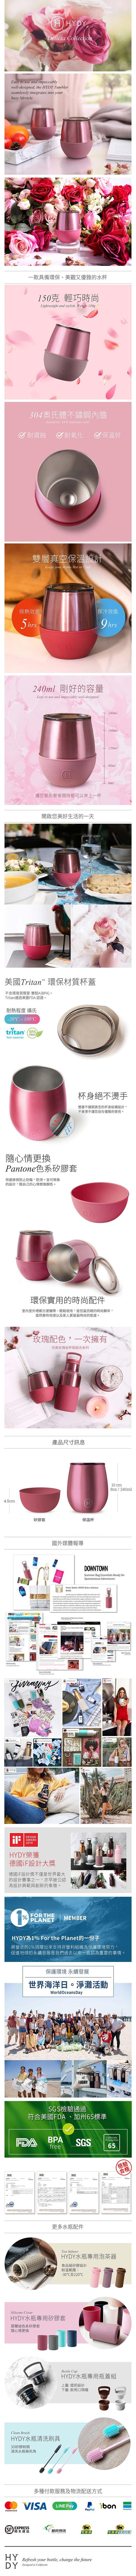 美國HYDY | Delicia 系列時尚蛋型杯(玫瑰金- 桑格莉亞)